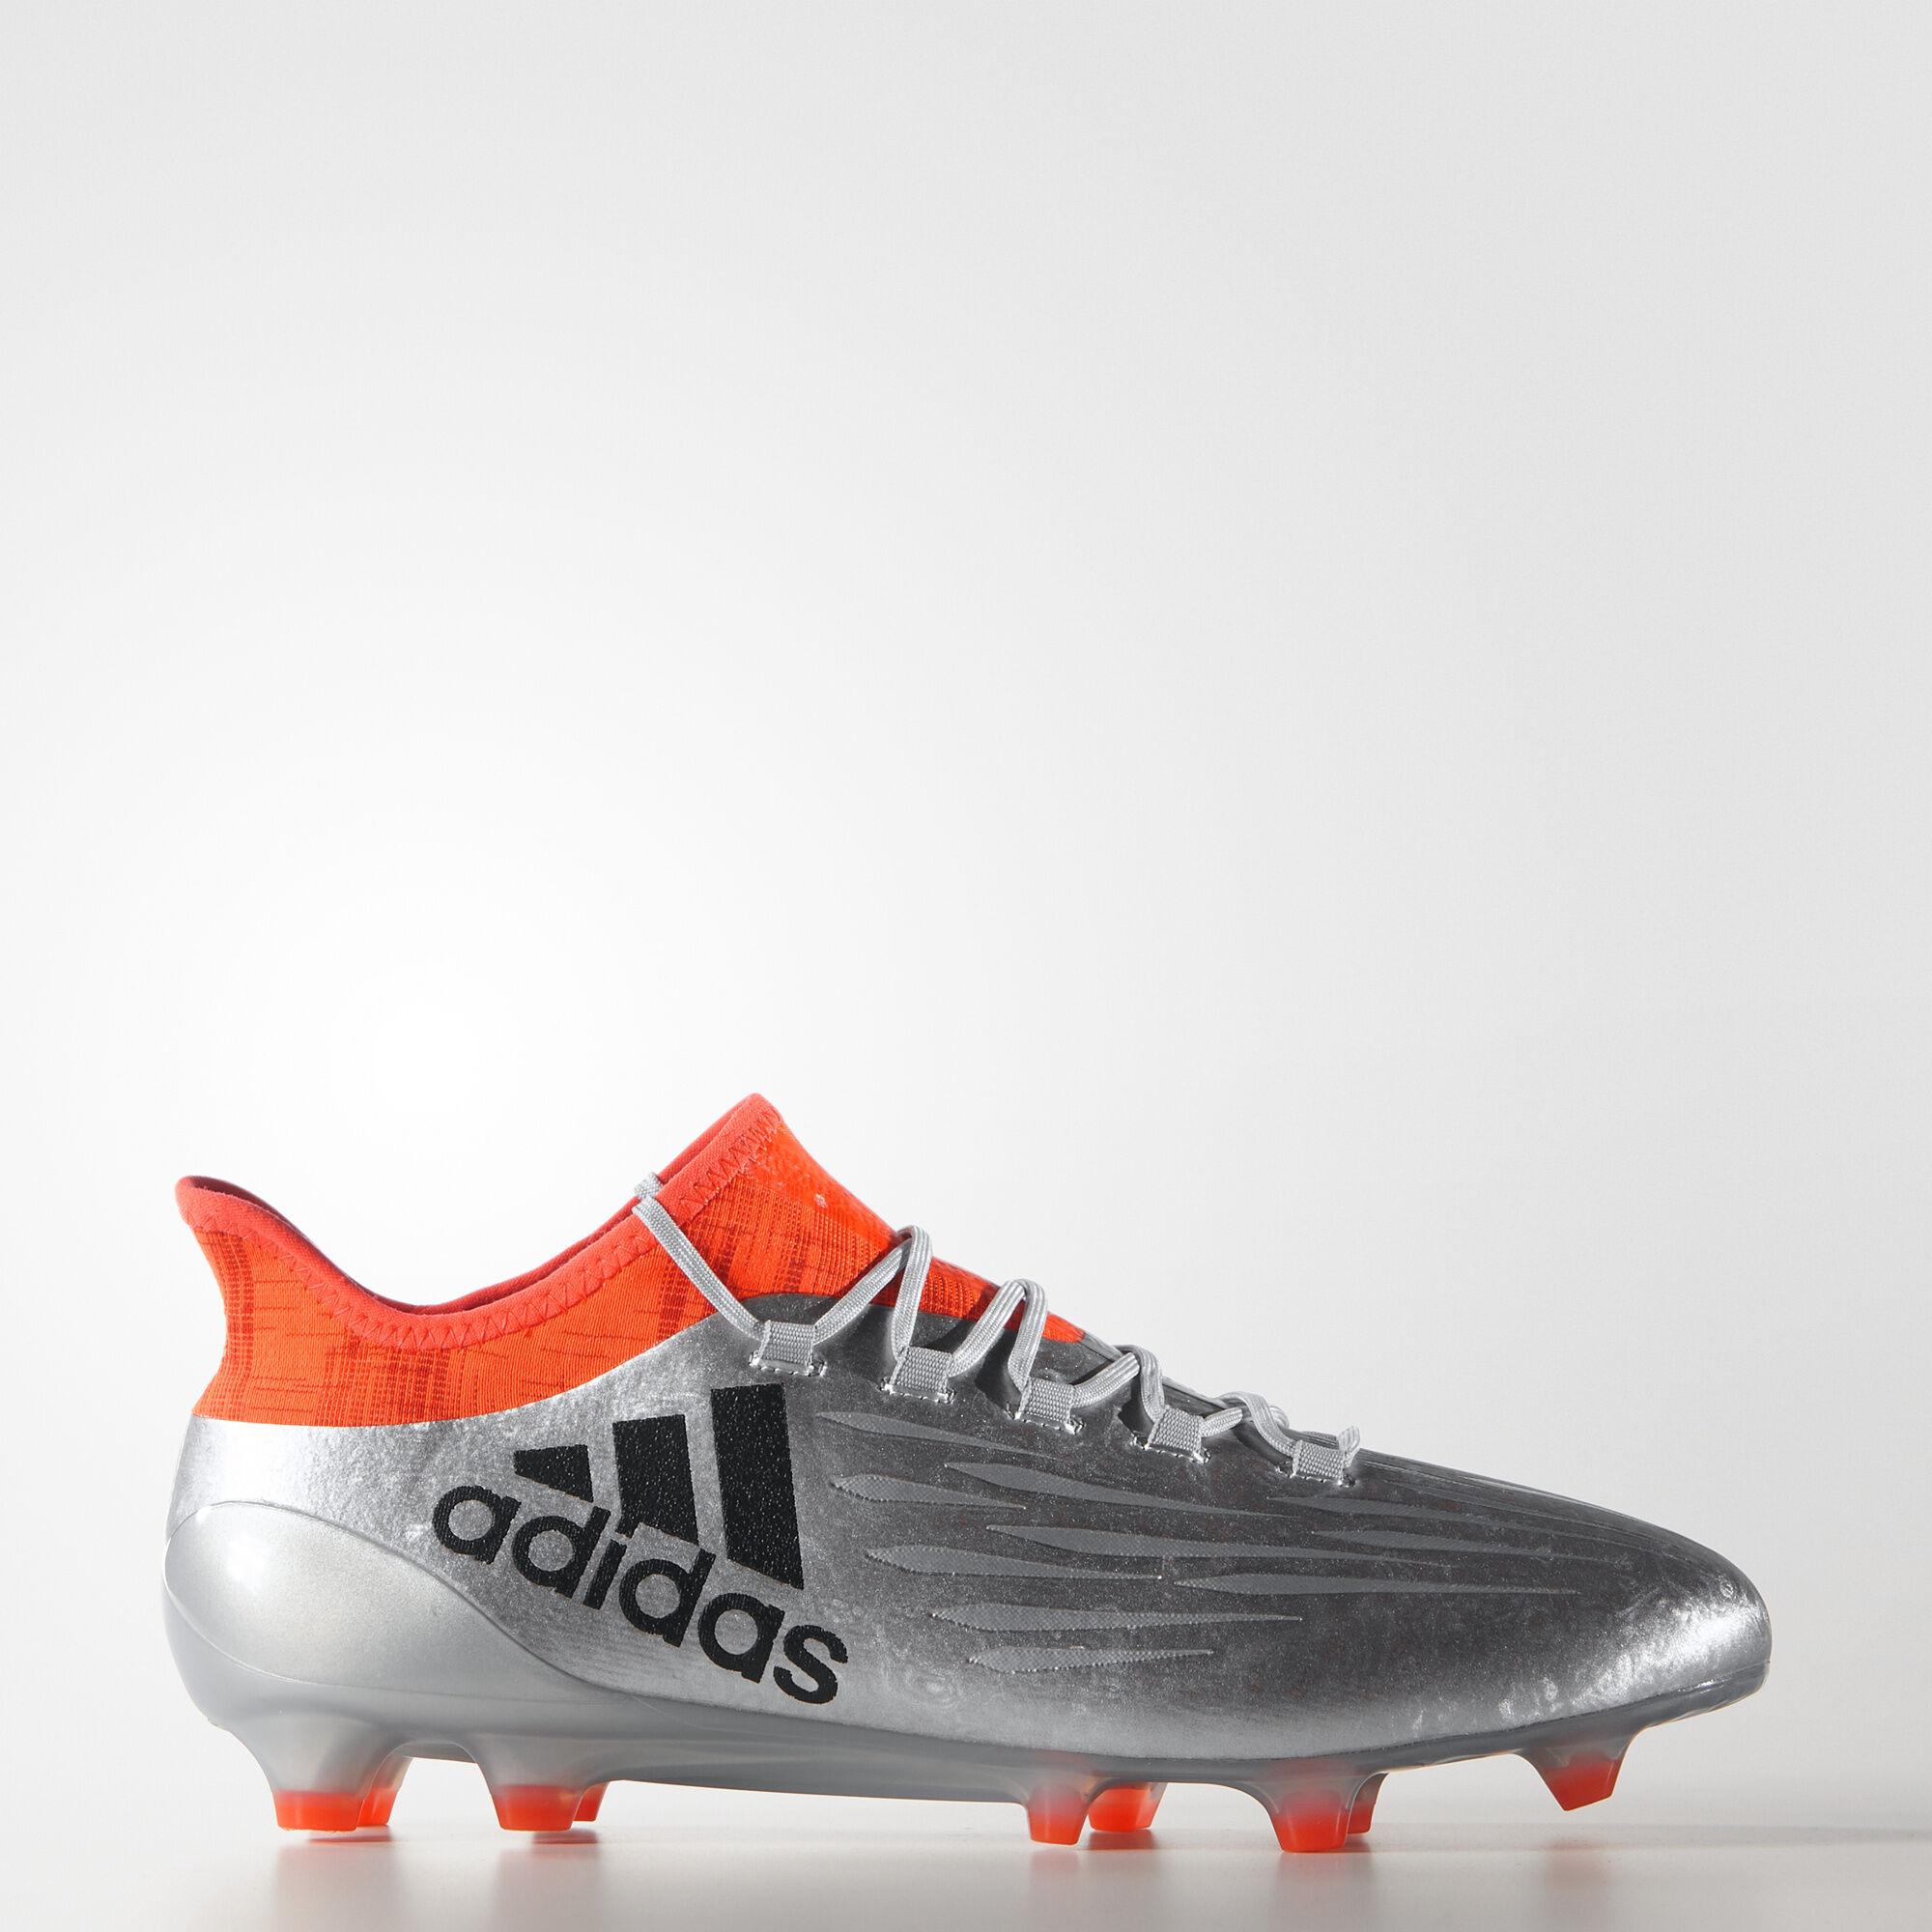 Adidas 16.1 Silver